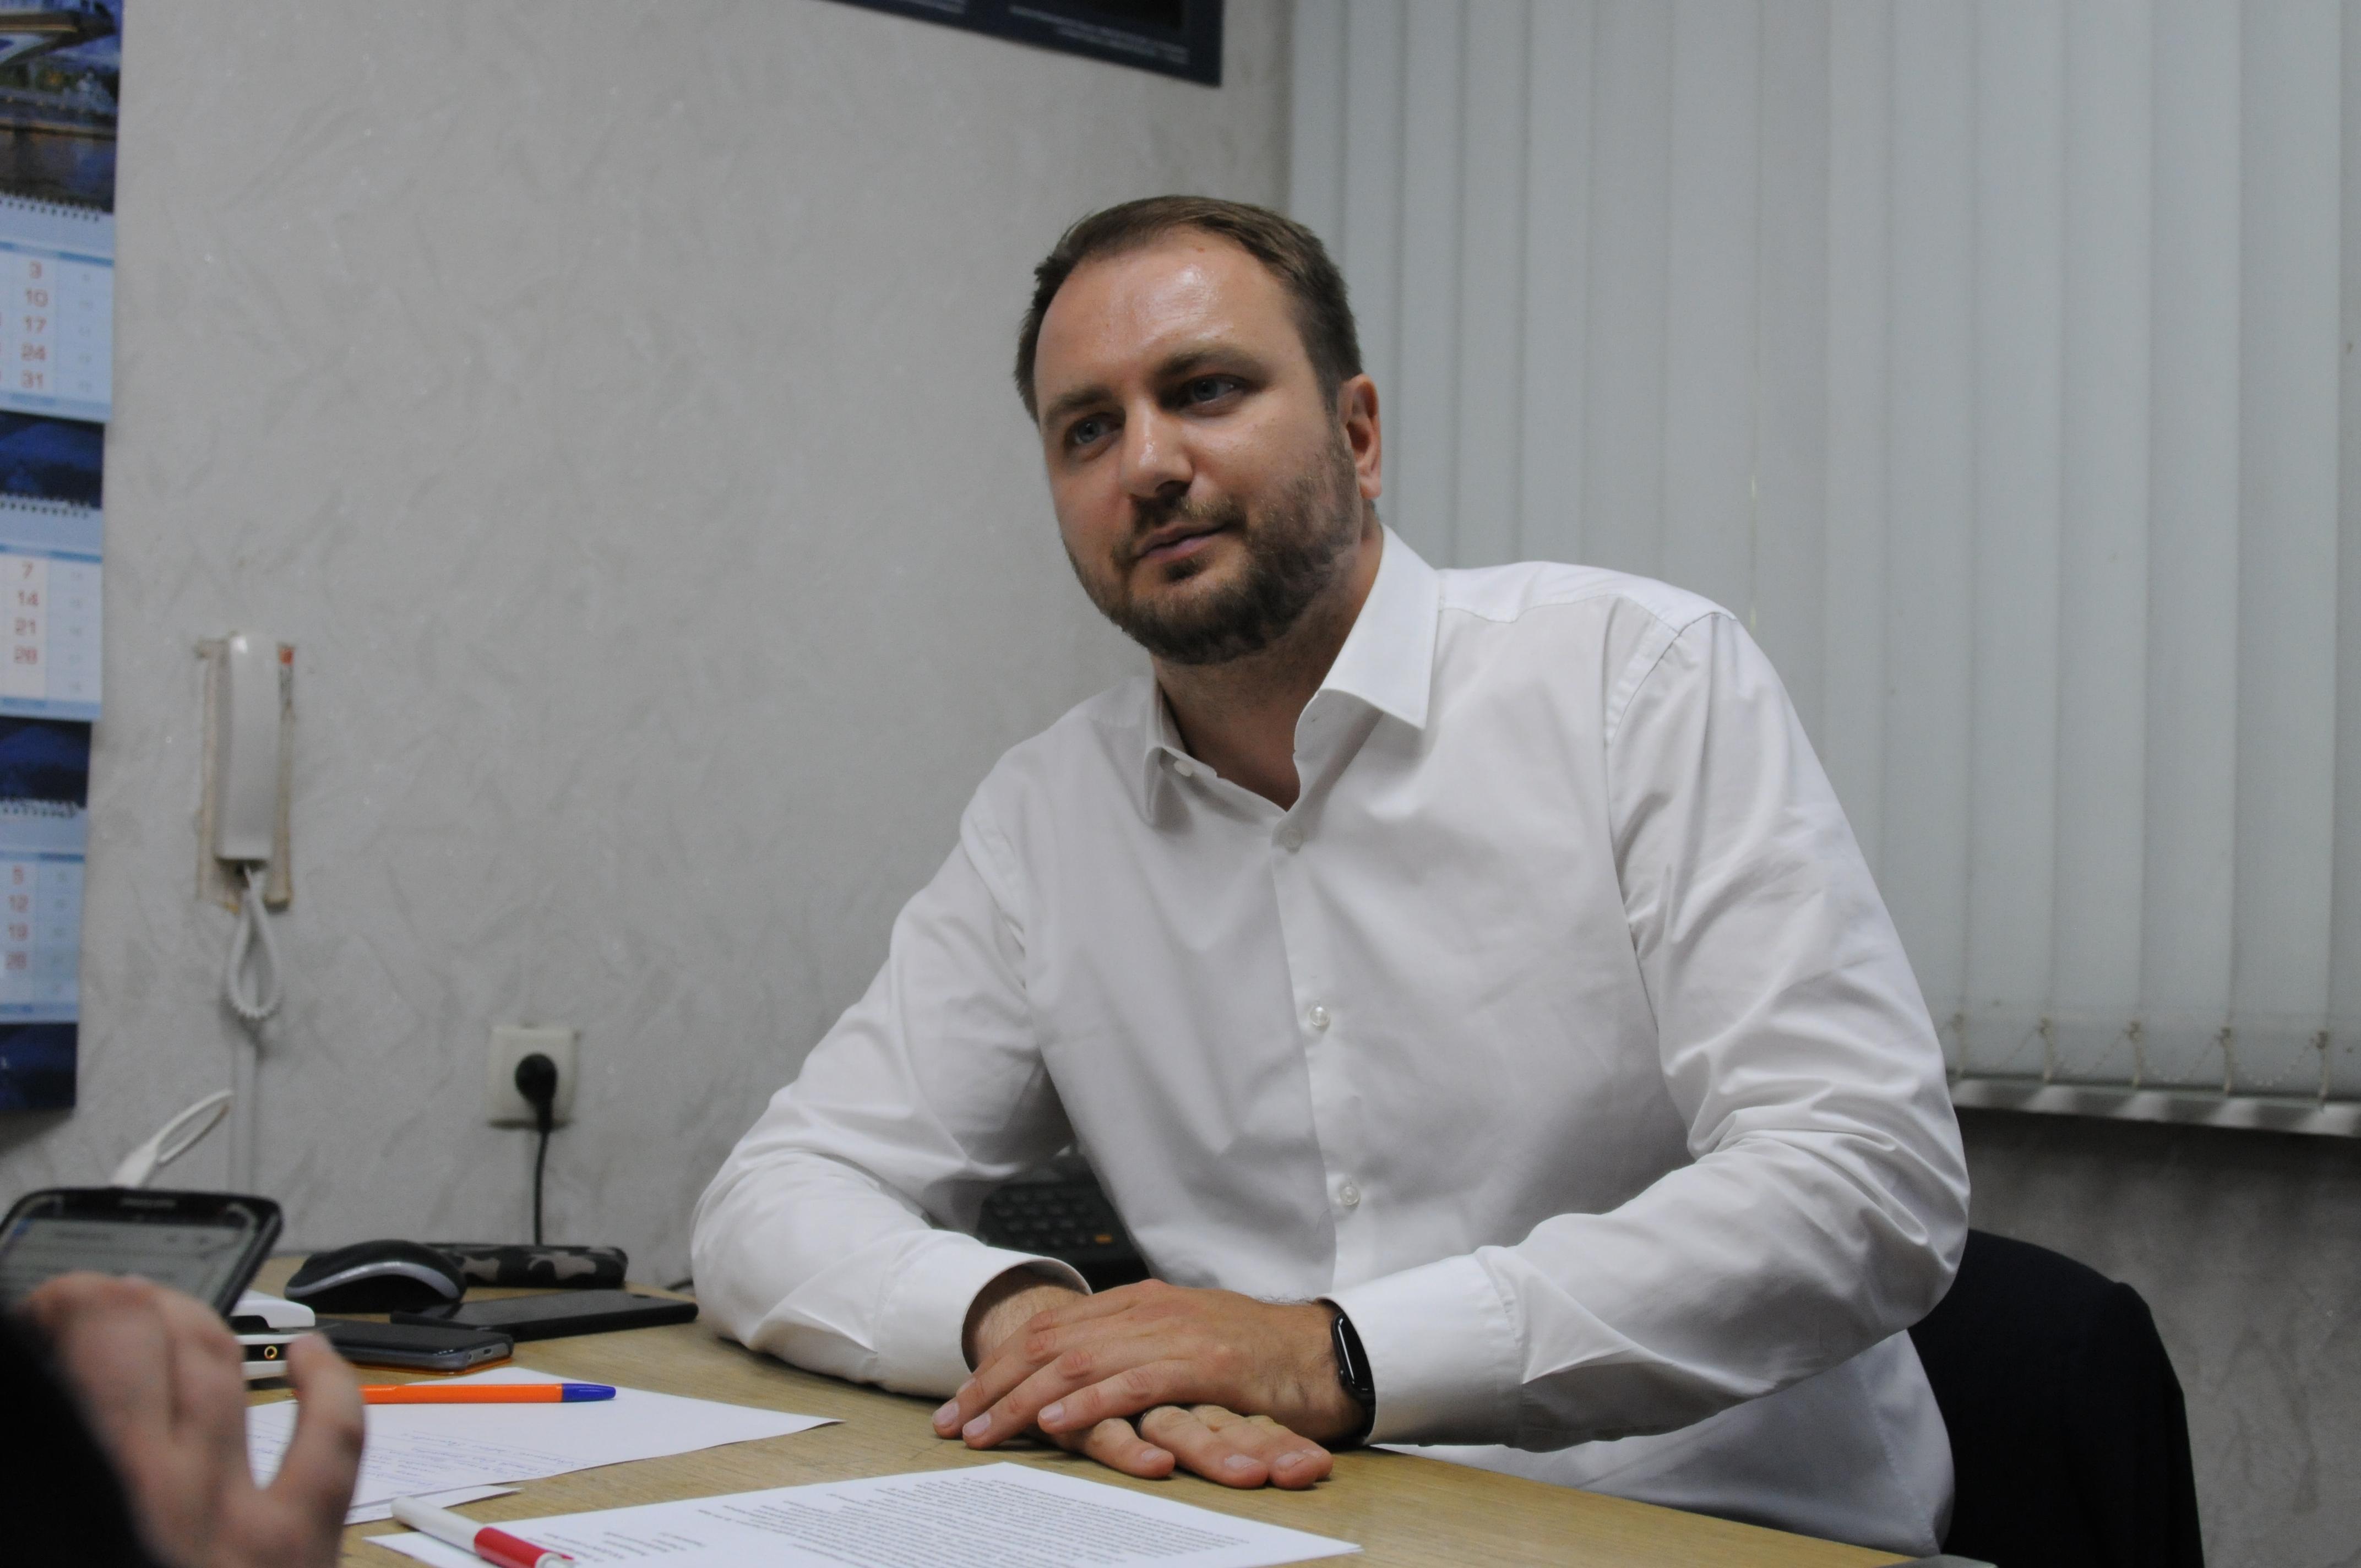 Депутат МГД Кирилл Щитов рассказал о решении проблемы жительницы Братеево